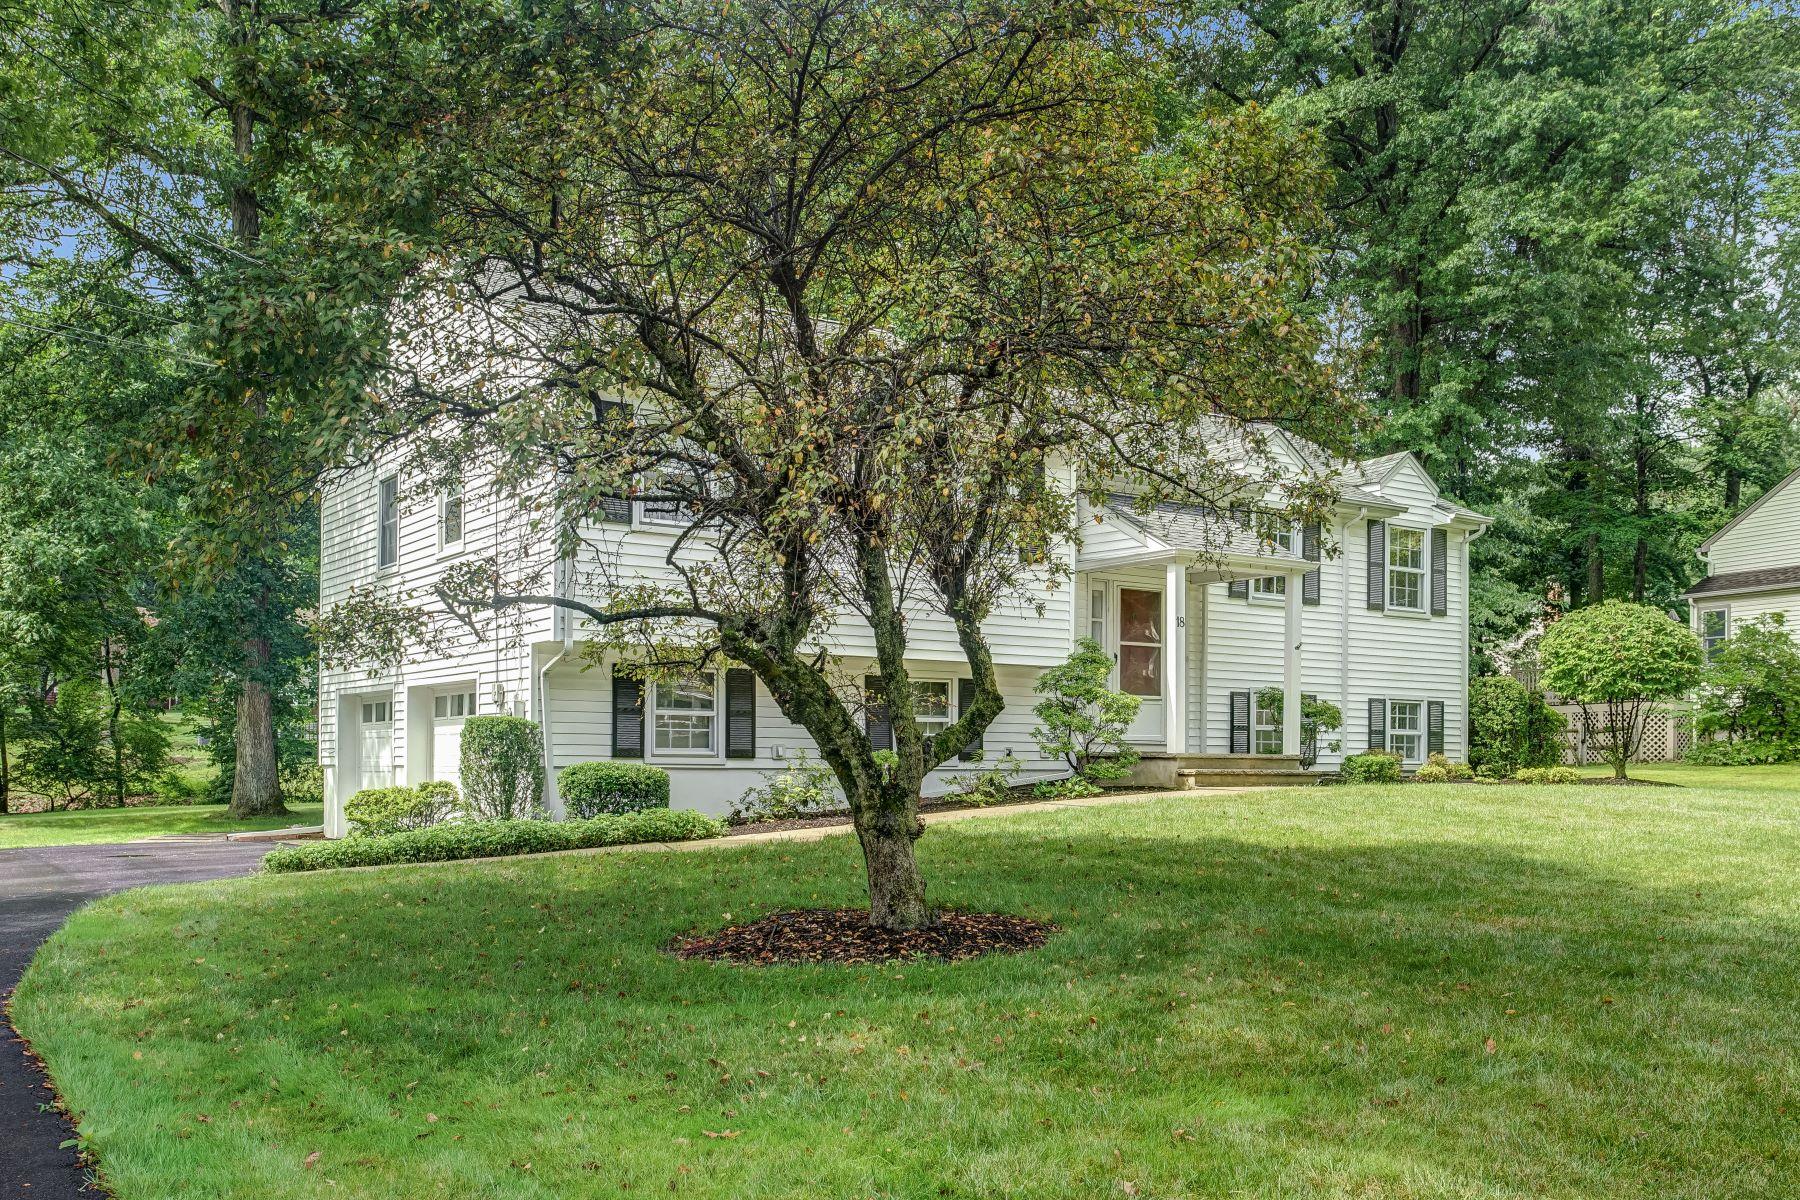 Частный односемейный дом для того Продажа на Lovely Home! 18 Stony Brook Road, Morris Plains, Нью-Джерси 07950 Соединенные Штаты